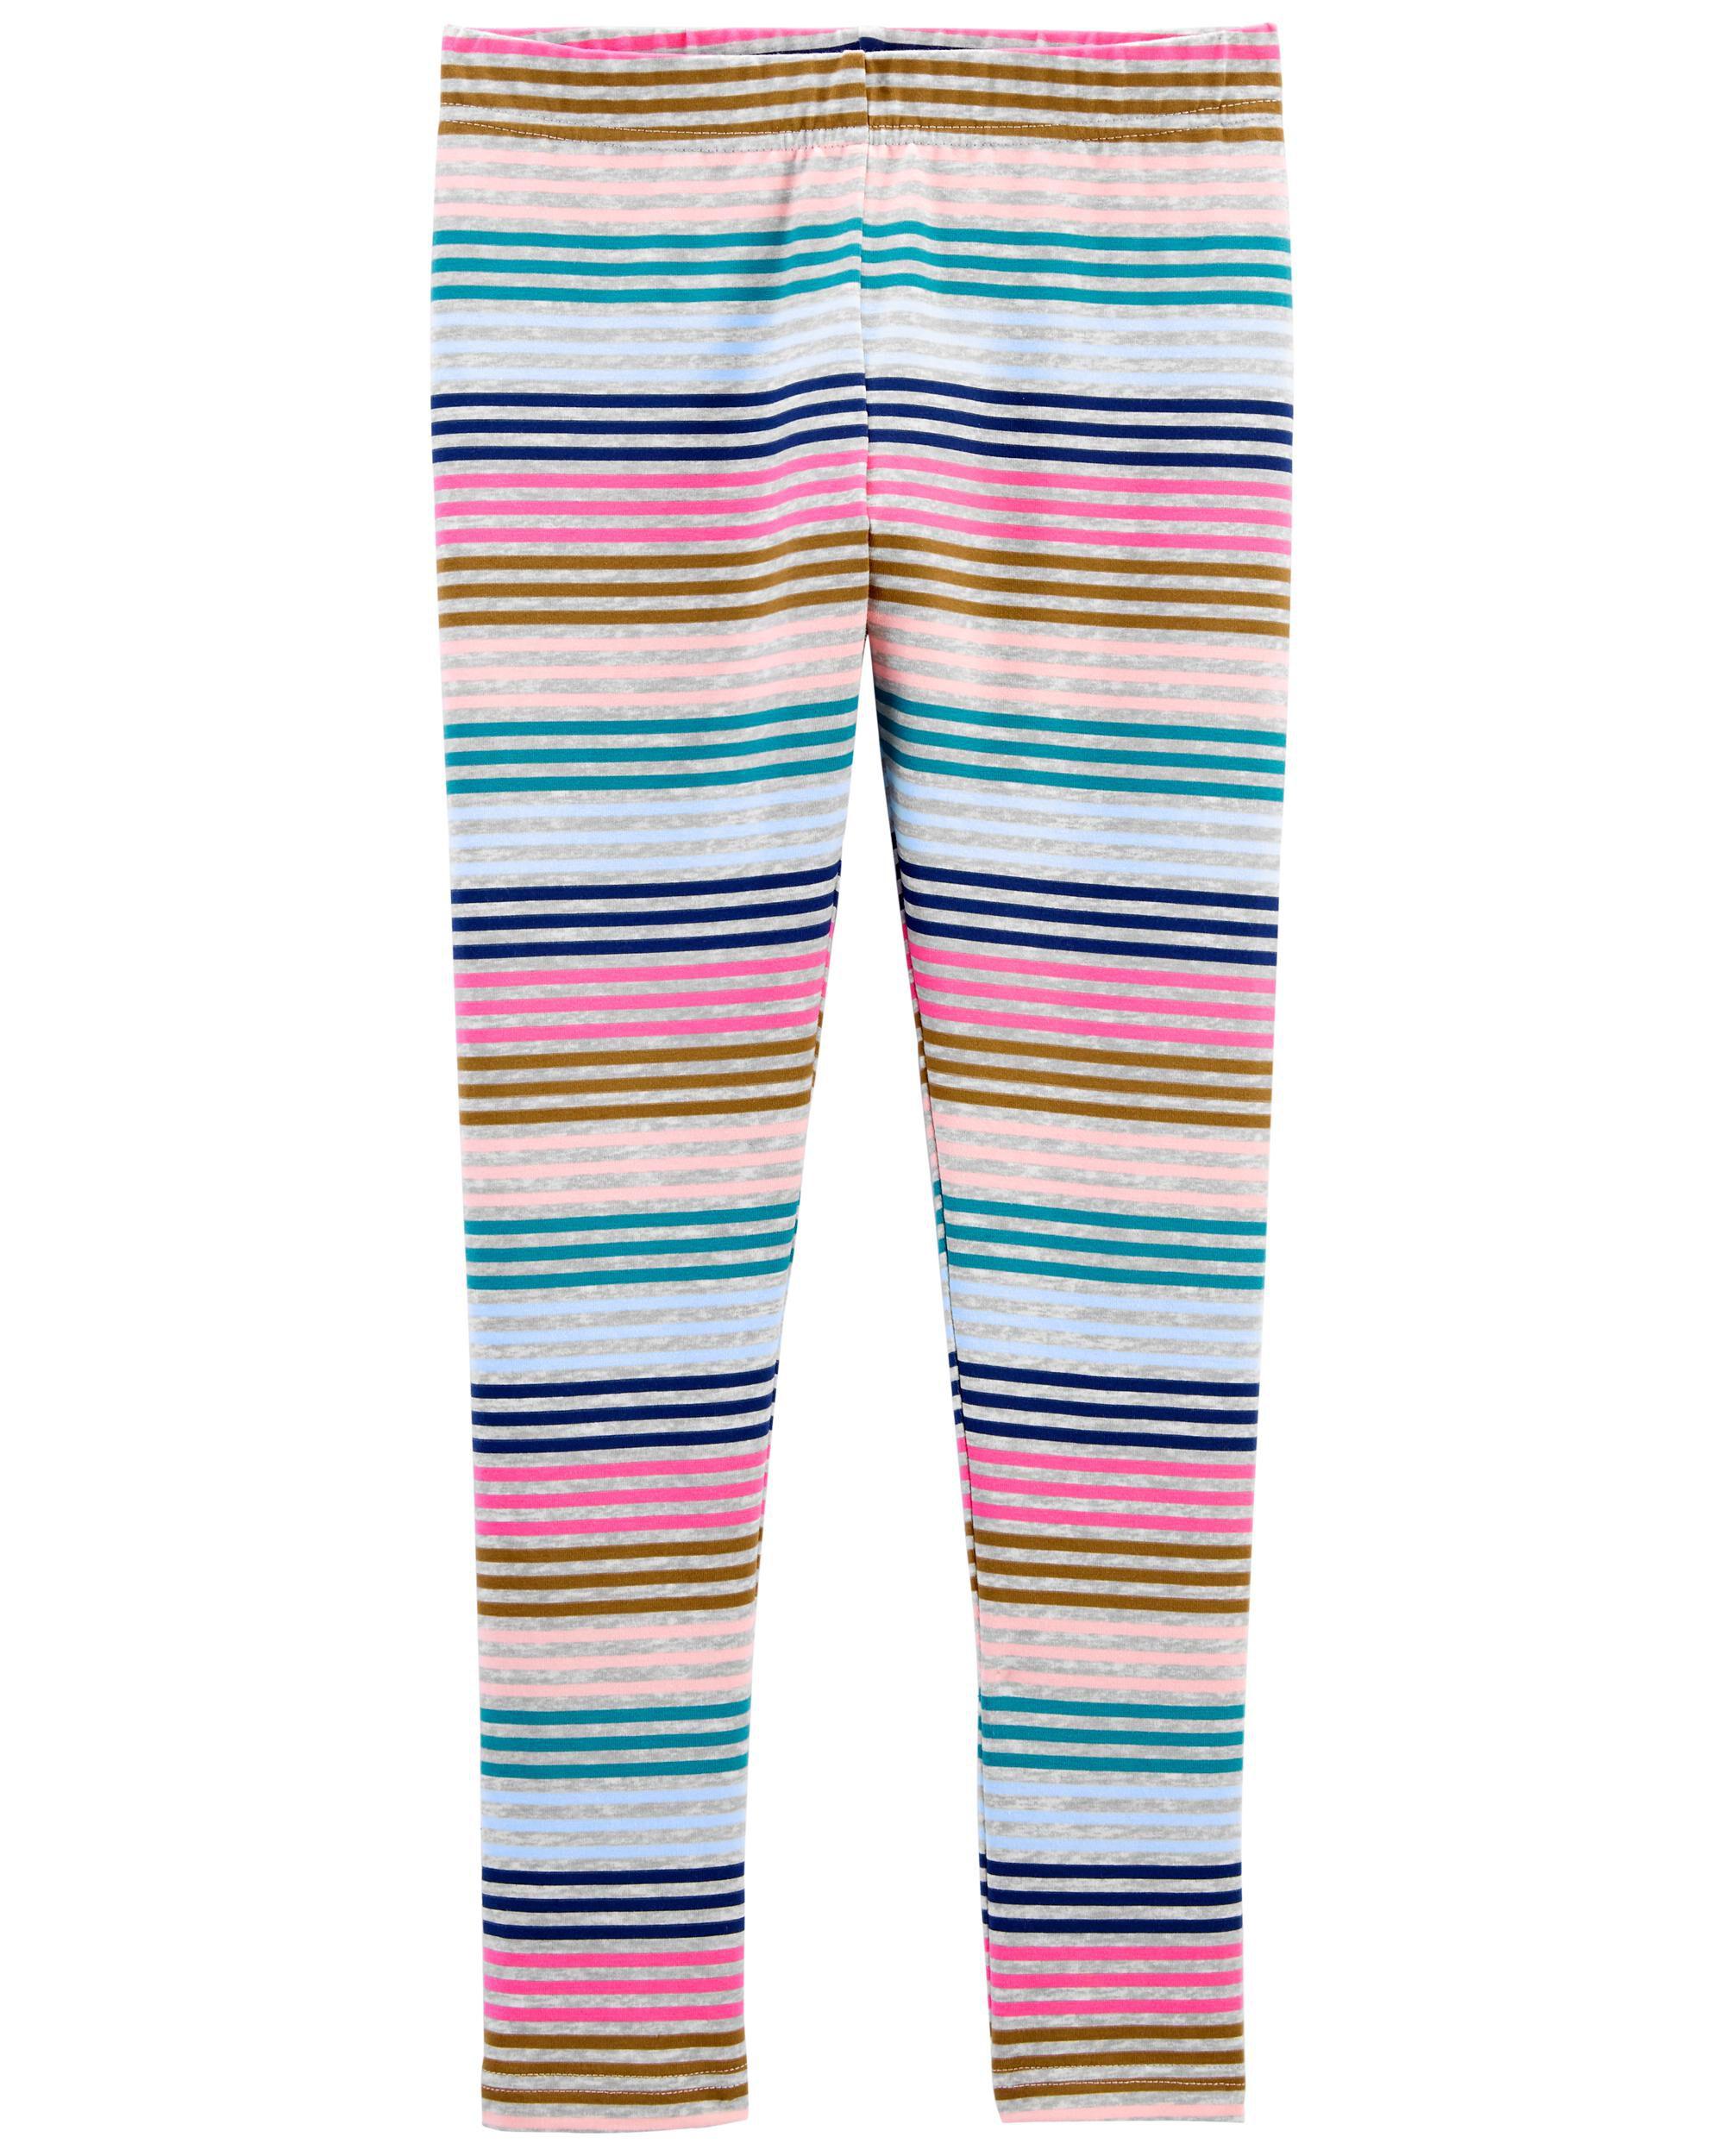 *DOORBUSTER*Rainbow Stripe Leggings